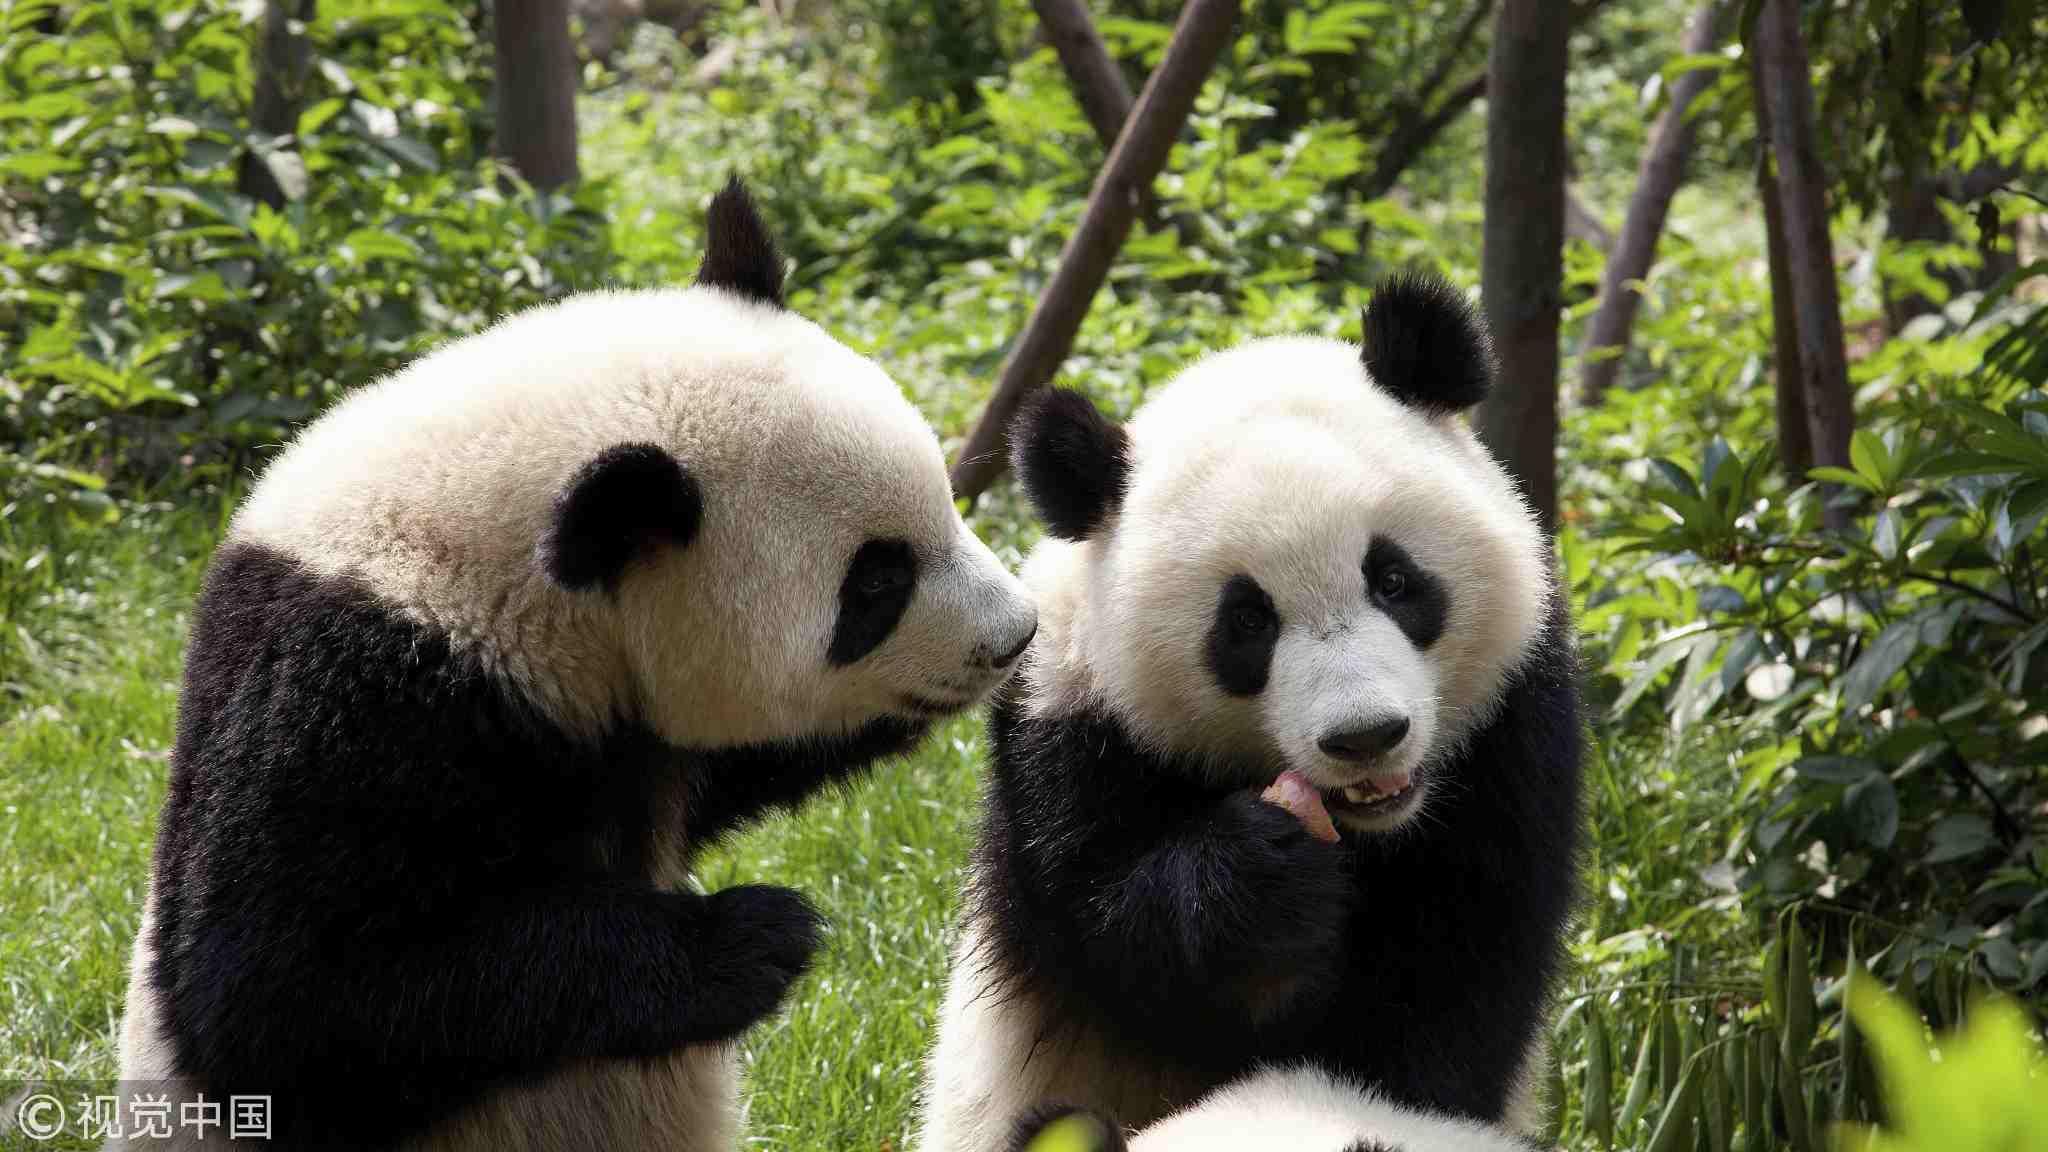 大熊猫 VCG.jpg